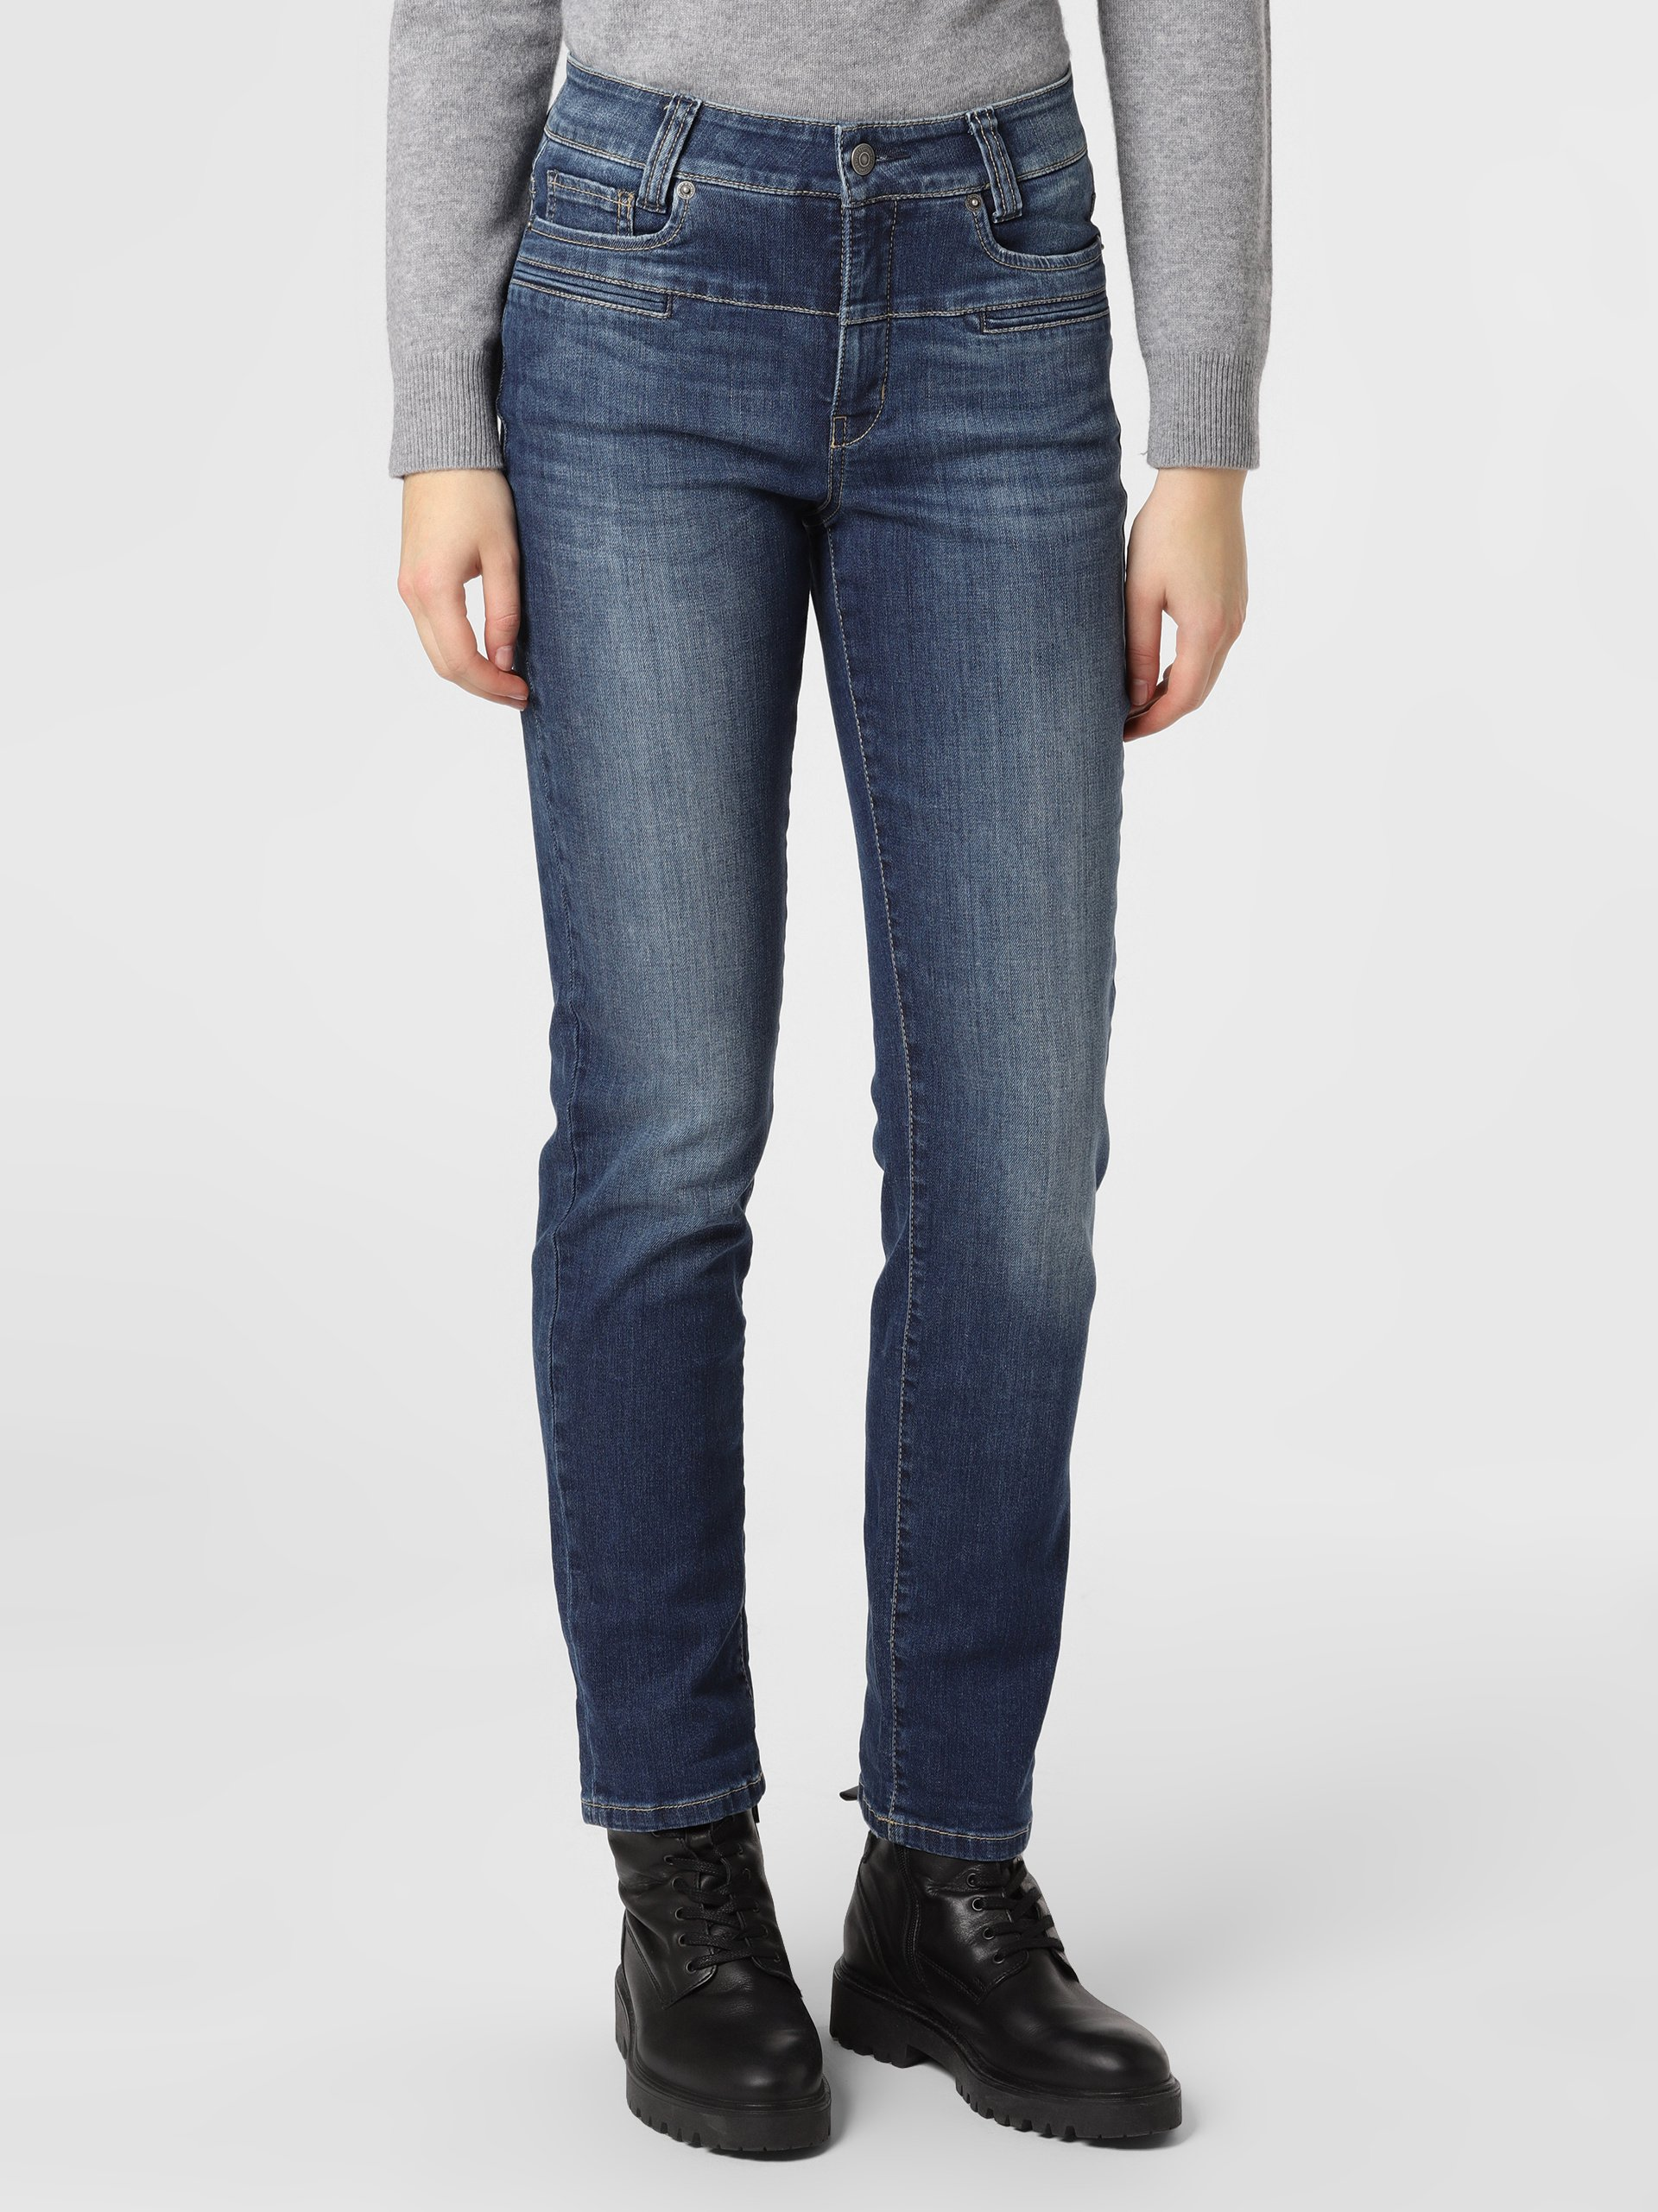 Cambio Damen Jeans - Pearlie